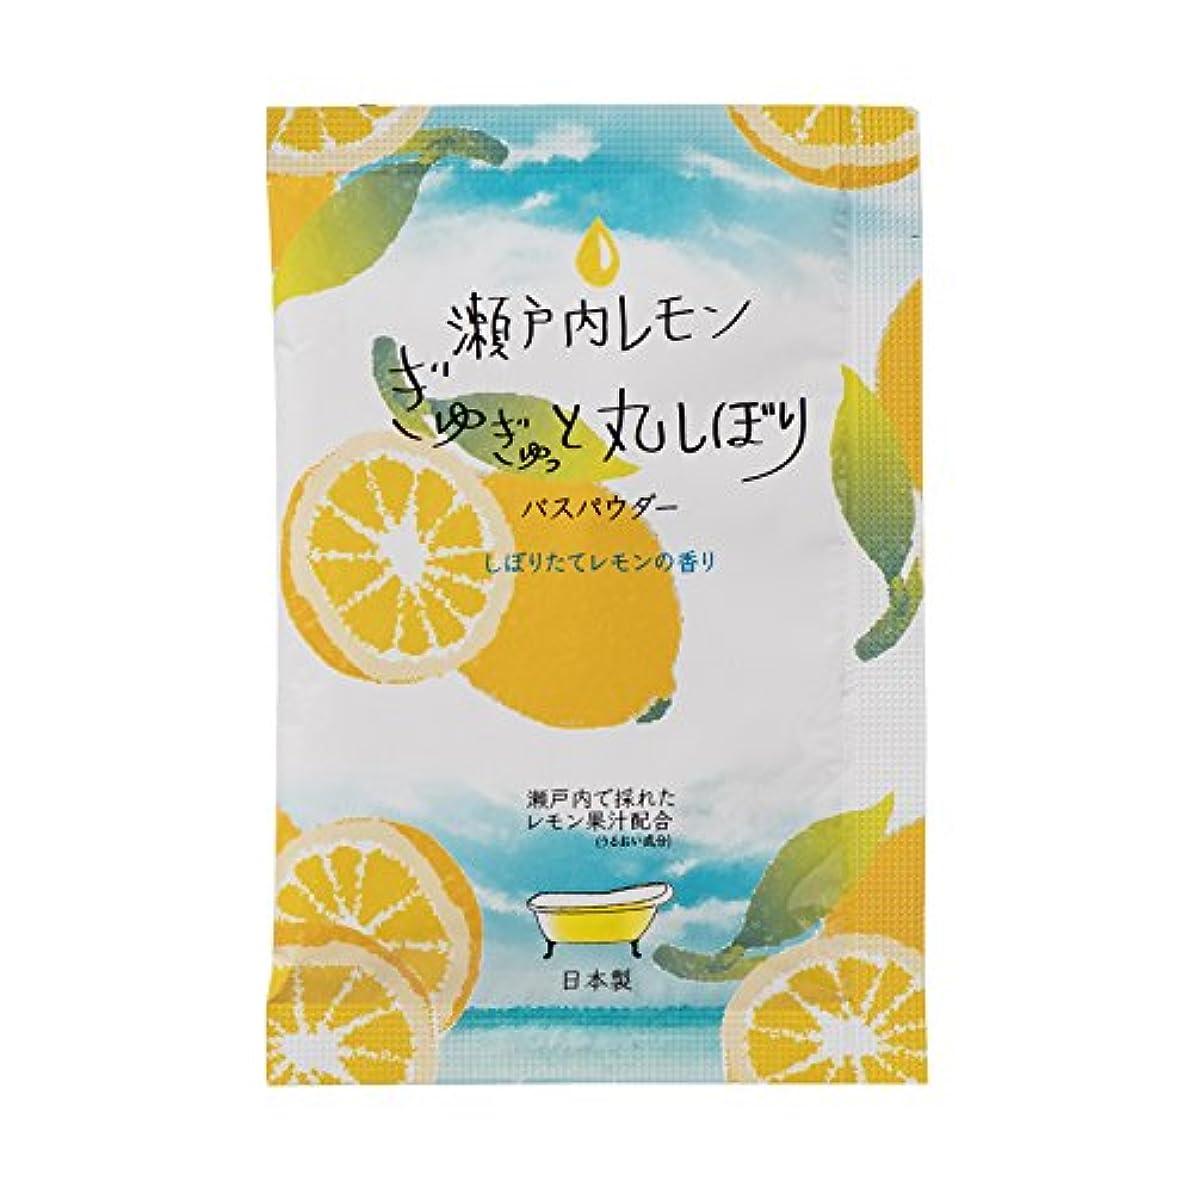 変化する不条理タップリッチバスパウダー(瀬戸内レモンの香り)× 40個